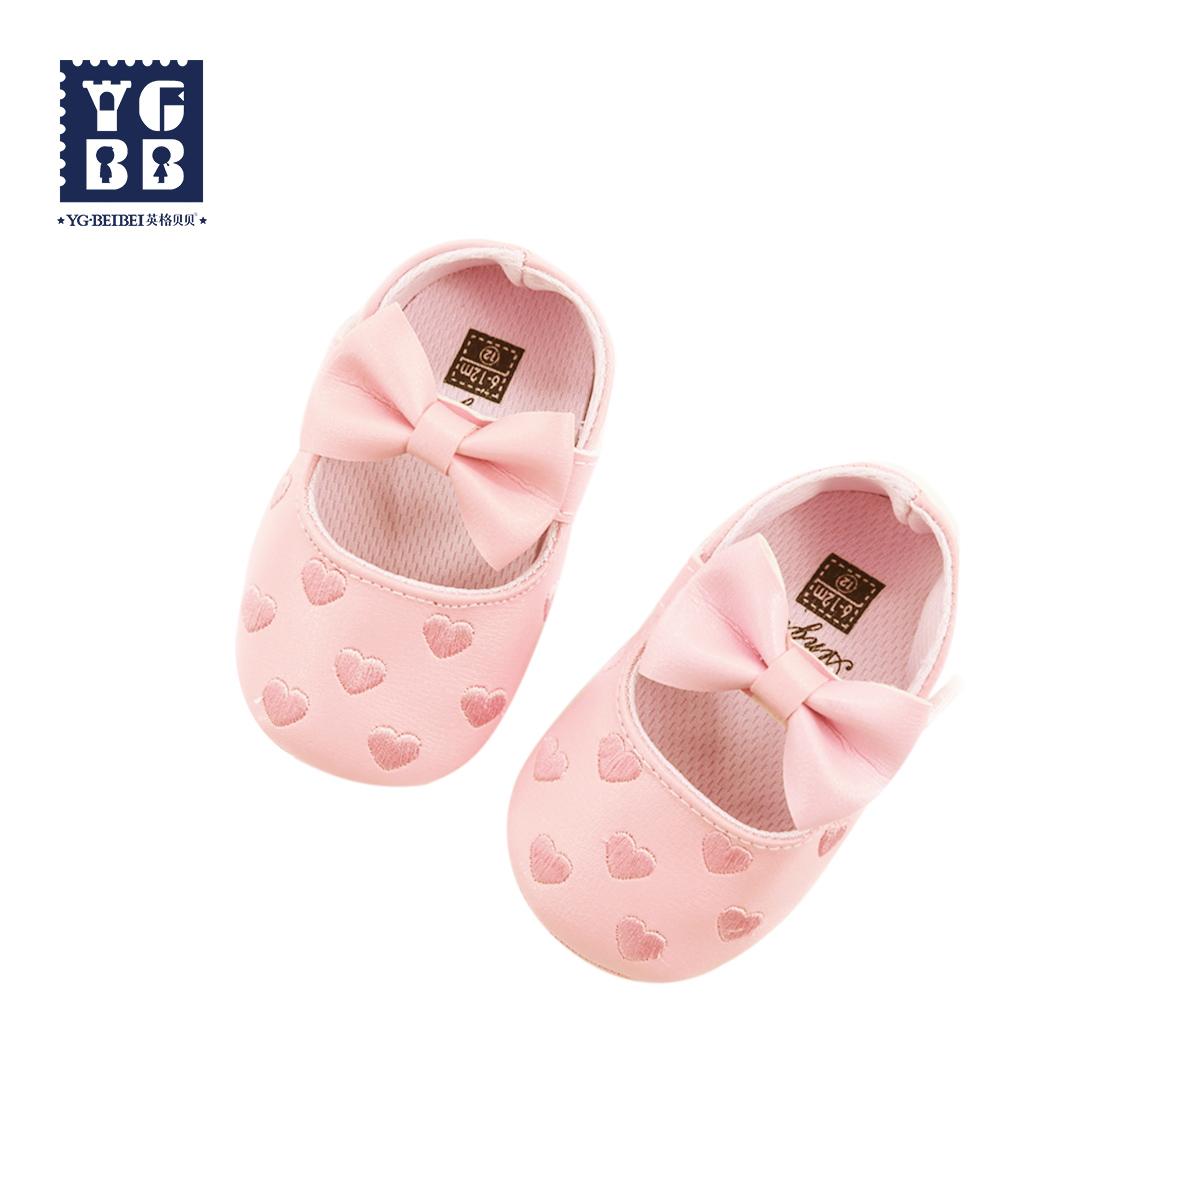 英格貝貝嬰幼兒鞋子學步鞋 女童可愛洋氣小皮鞋女寶寶春秋單鞋